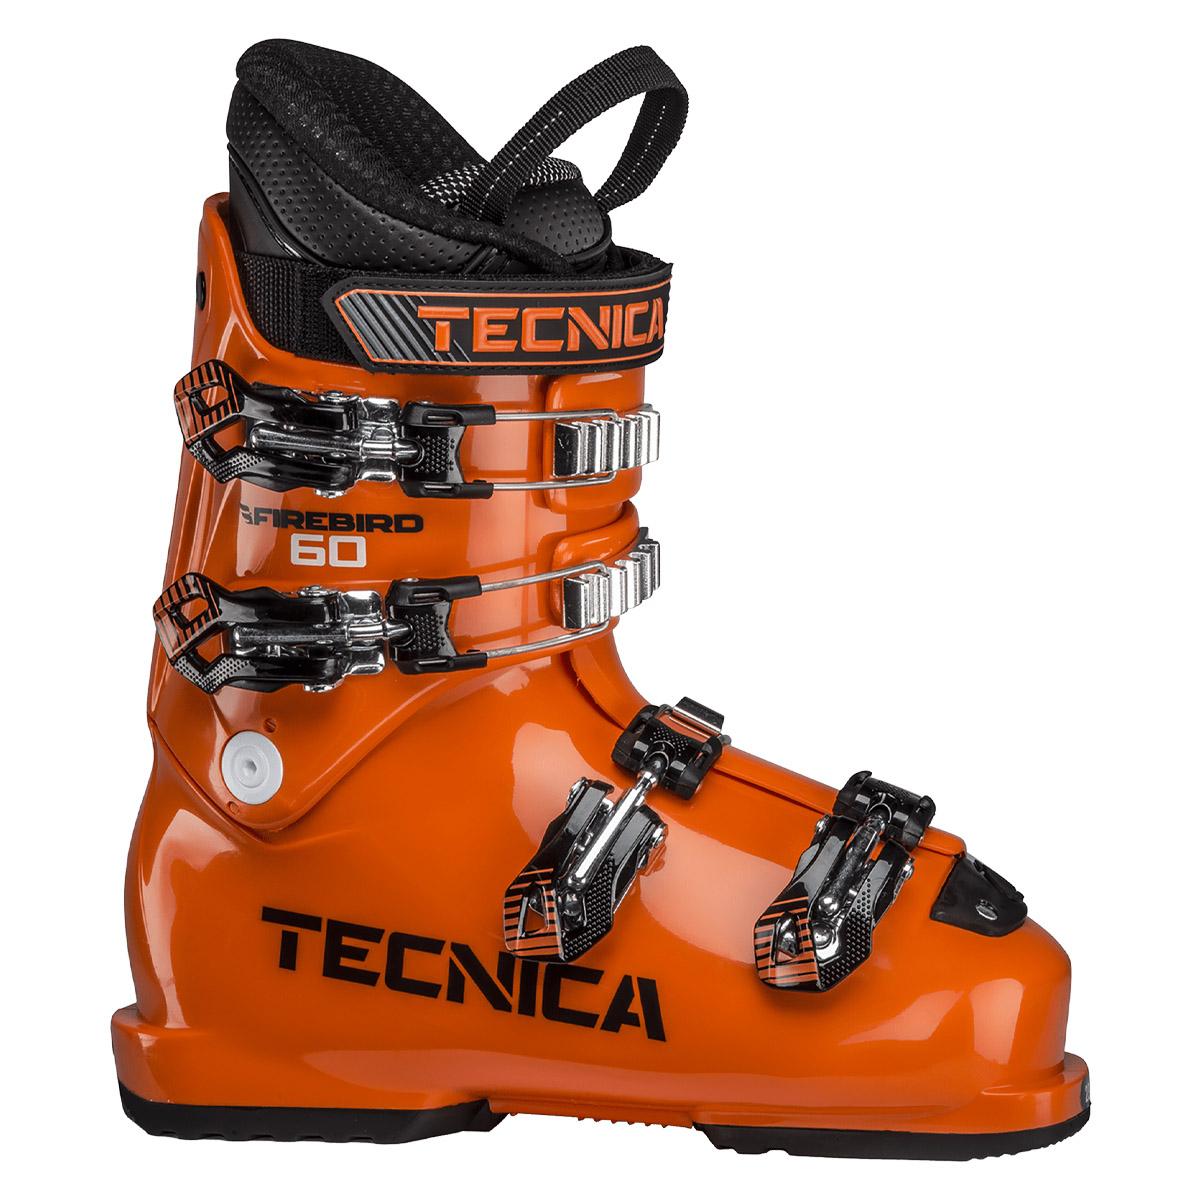 Scarponi sci Tecnica Firebird60W (Colore: ultra orange, Taglia: 18.5)